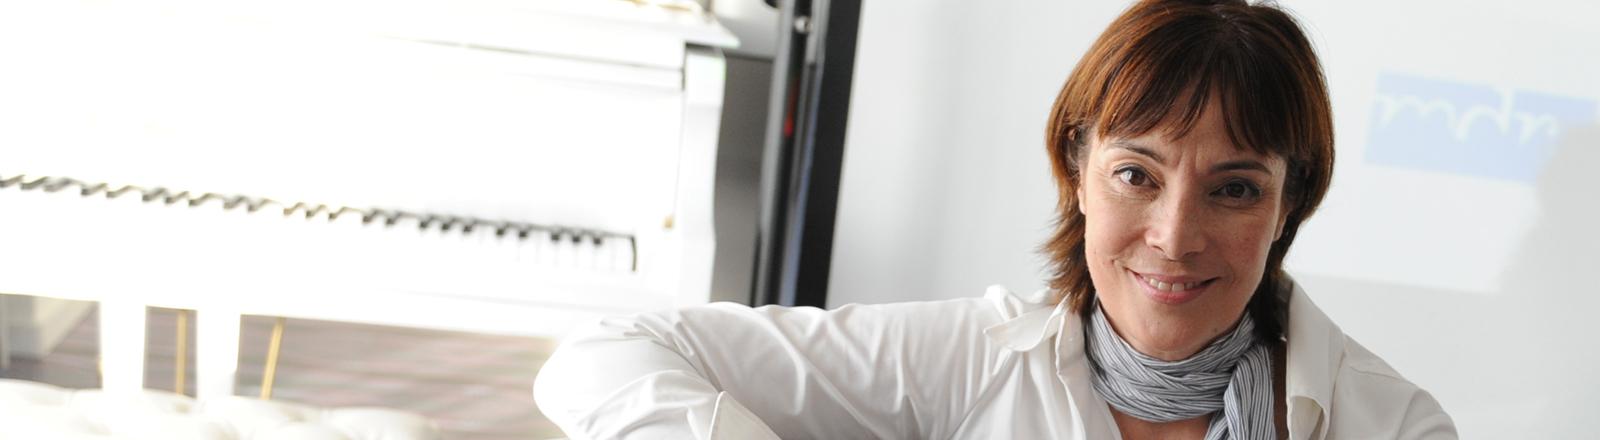 """Die Paartherapeutin Ann-Marlene Henning posiert am 28.10.2014 in Berlin am Rande der Pressekonferenz zur neuen Staffel der Aufklärungsreihe """"Make Love - Liebe machen kann man lernen""""."""